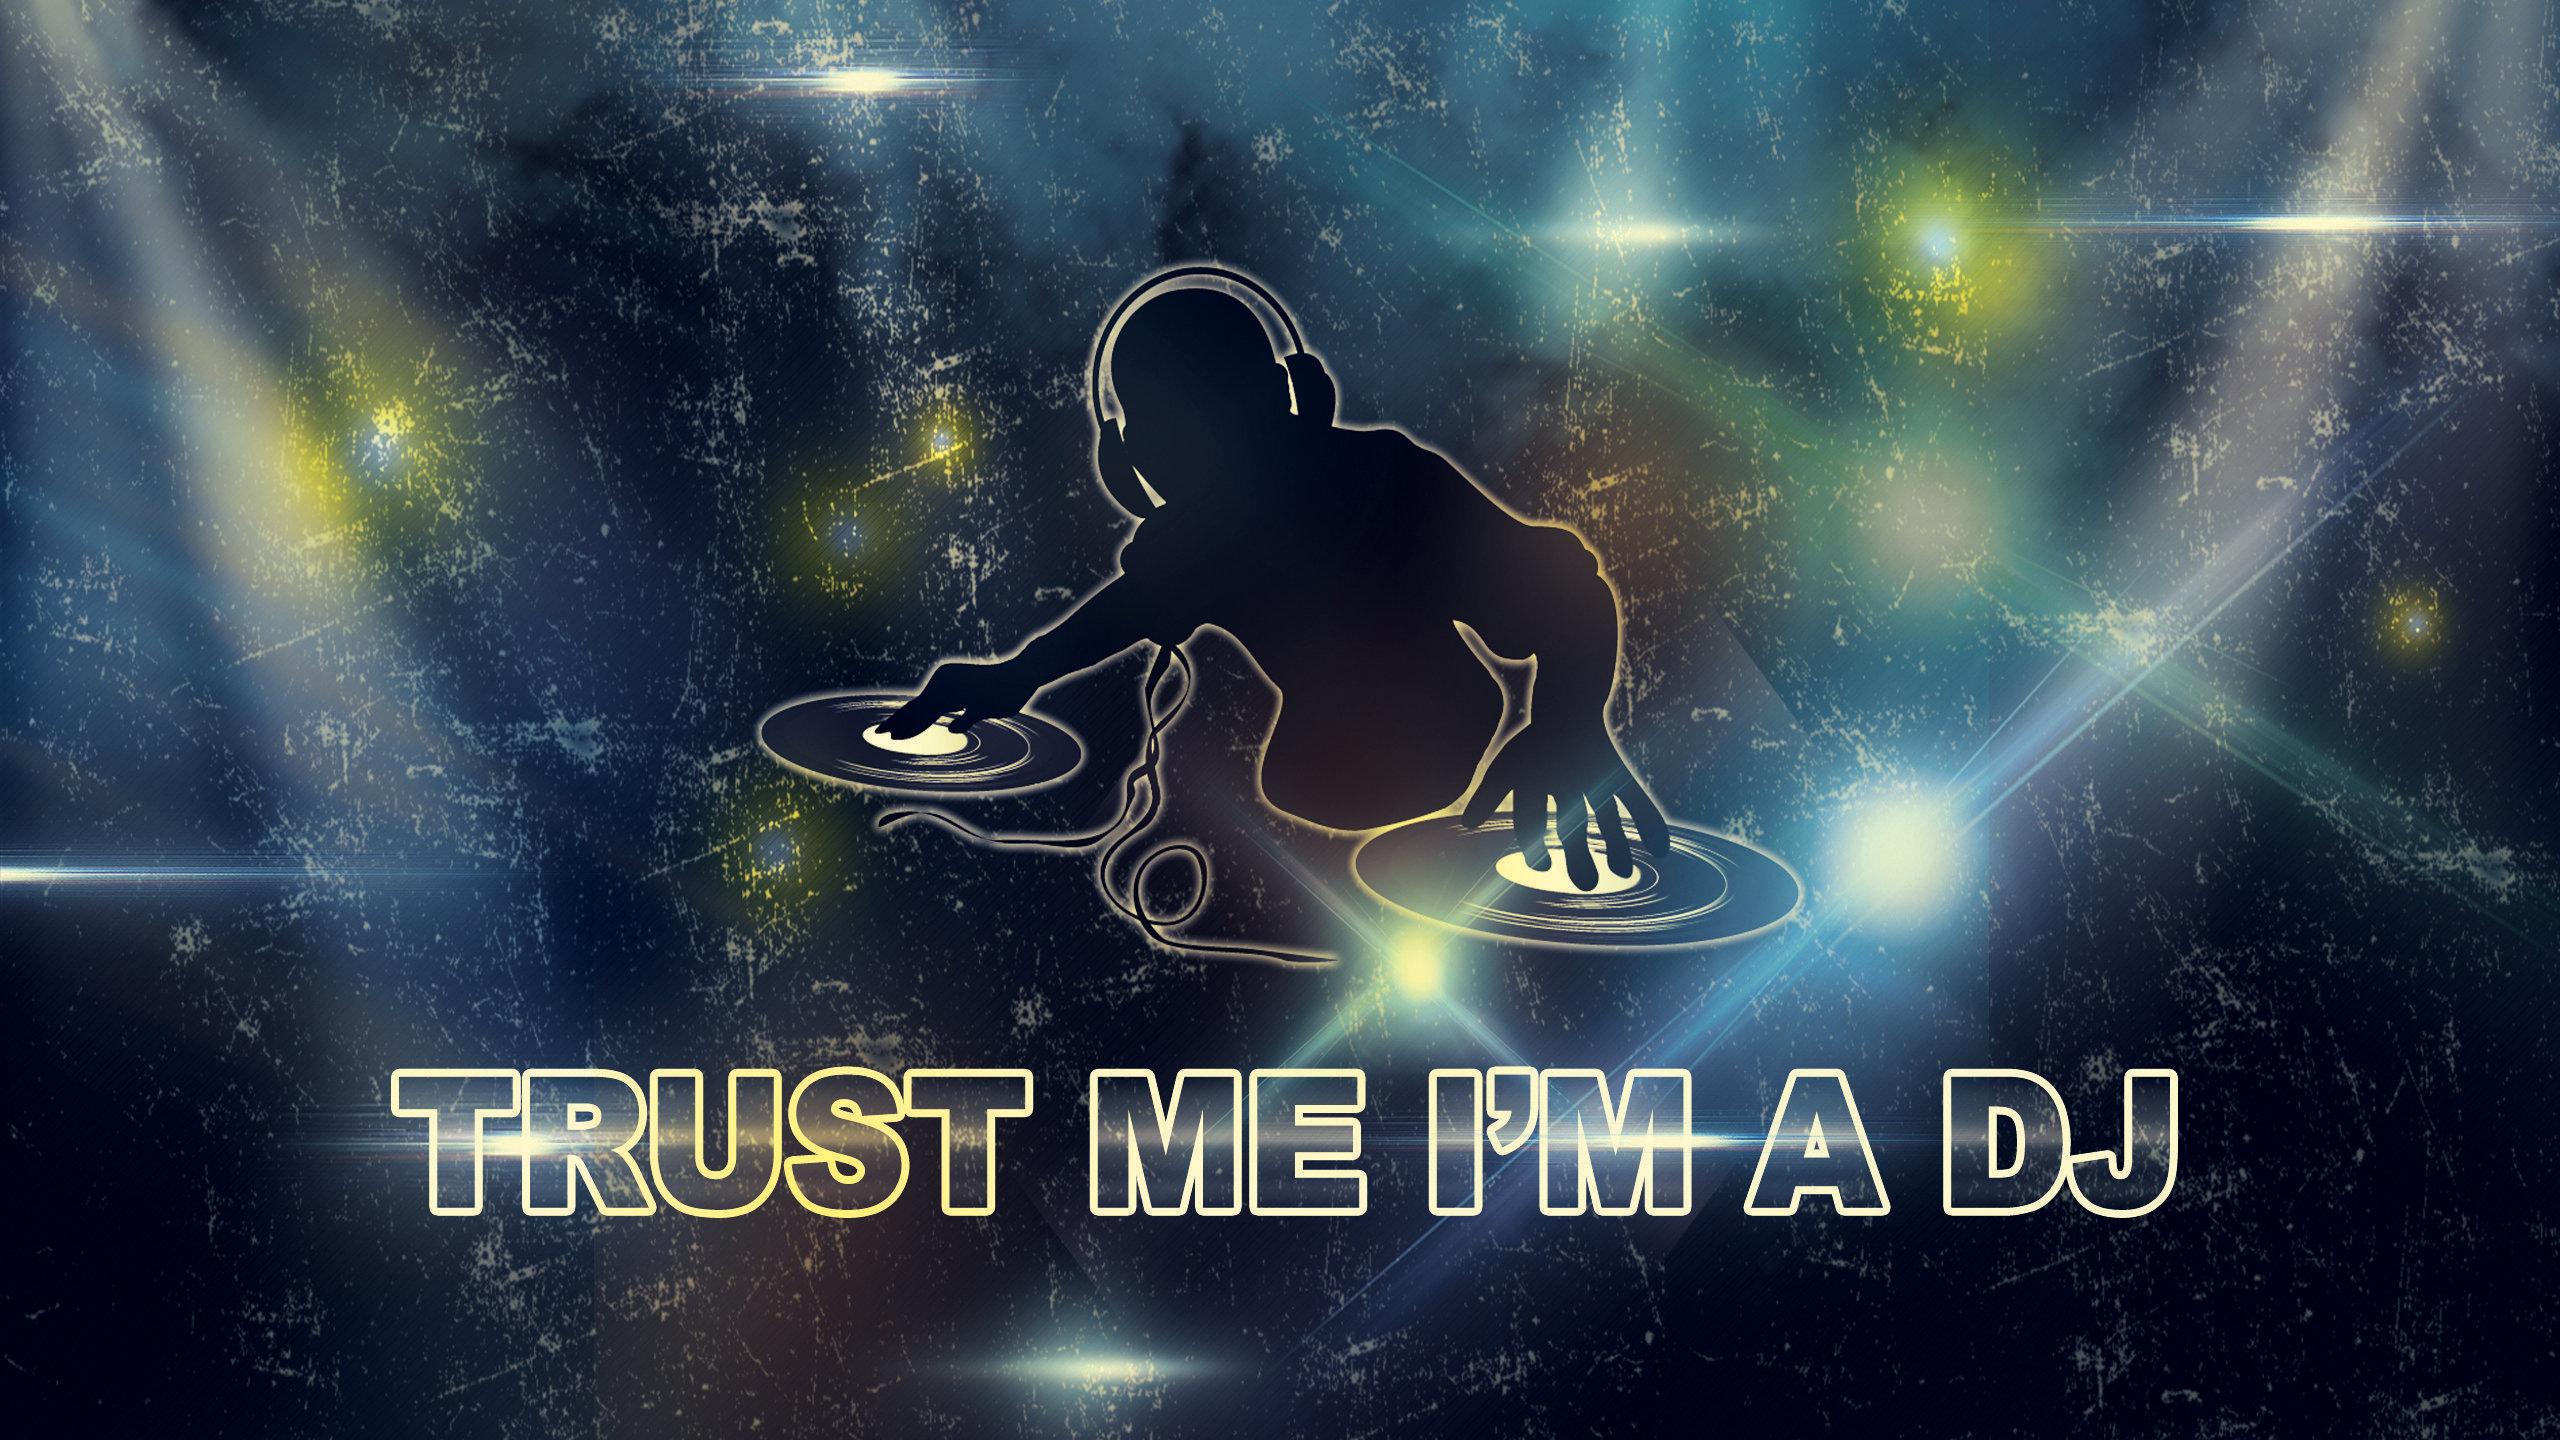 trust the dj wallpaper